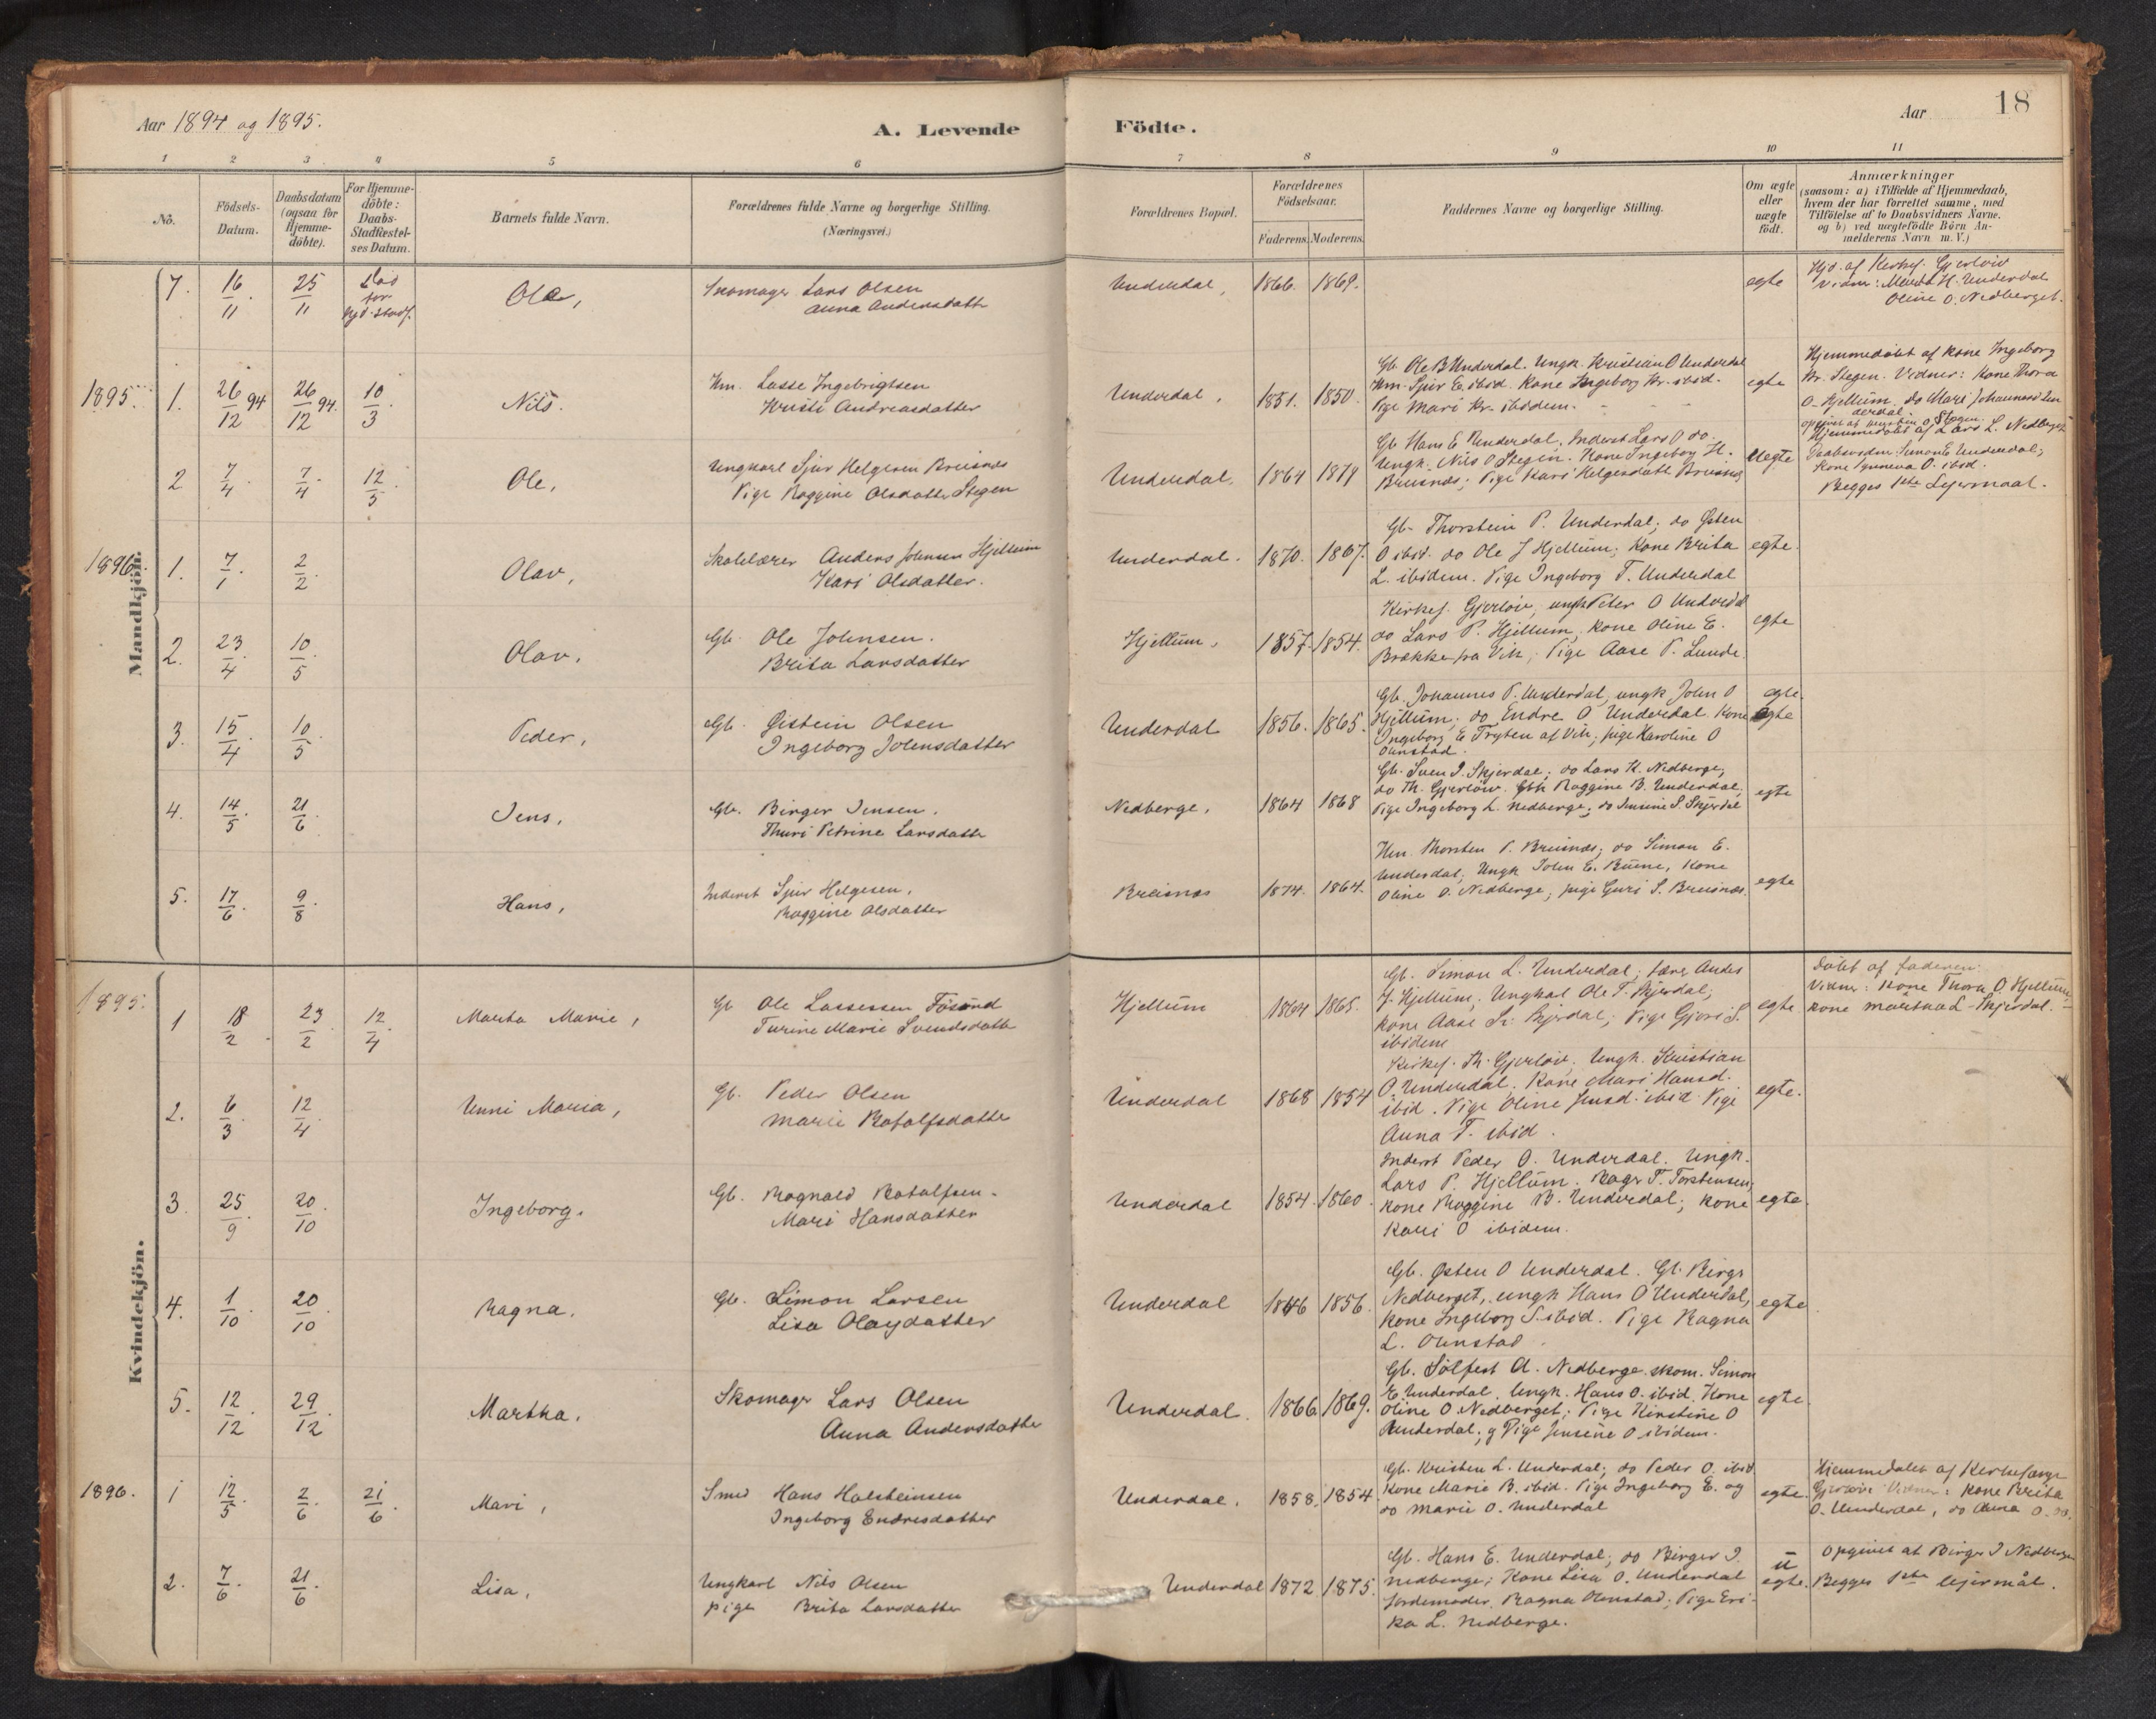 SAB, Aurland Sokneprestembete*, Ministerialbok nr. E 1, 1880-1907, s. 17b-18a